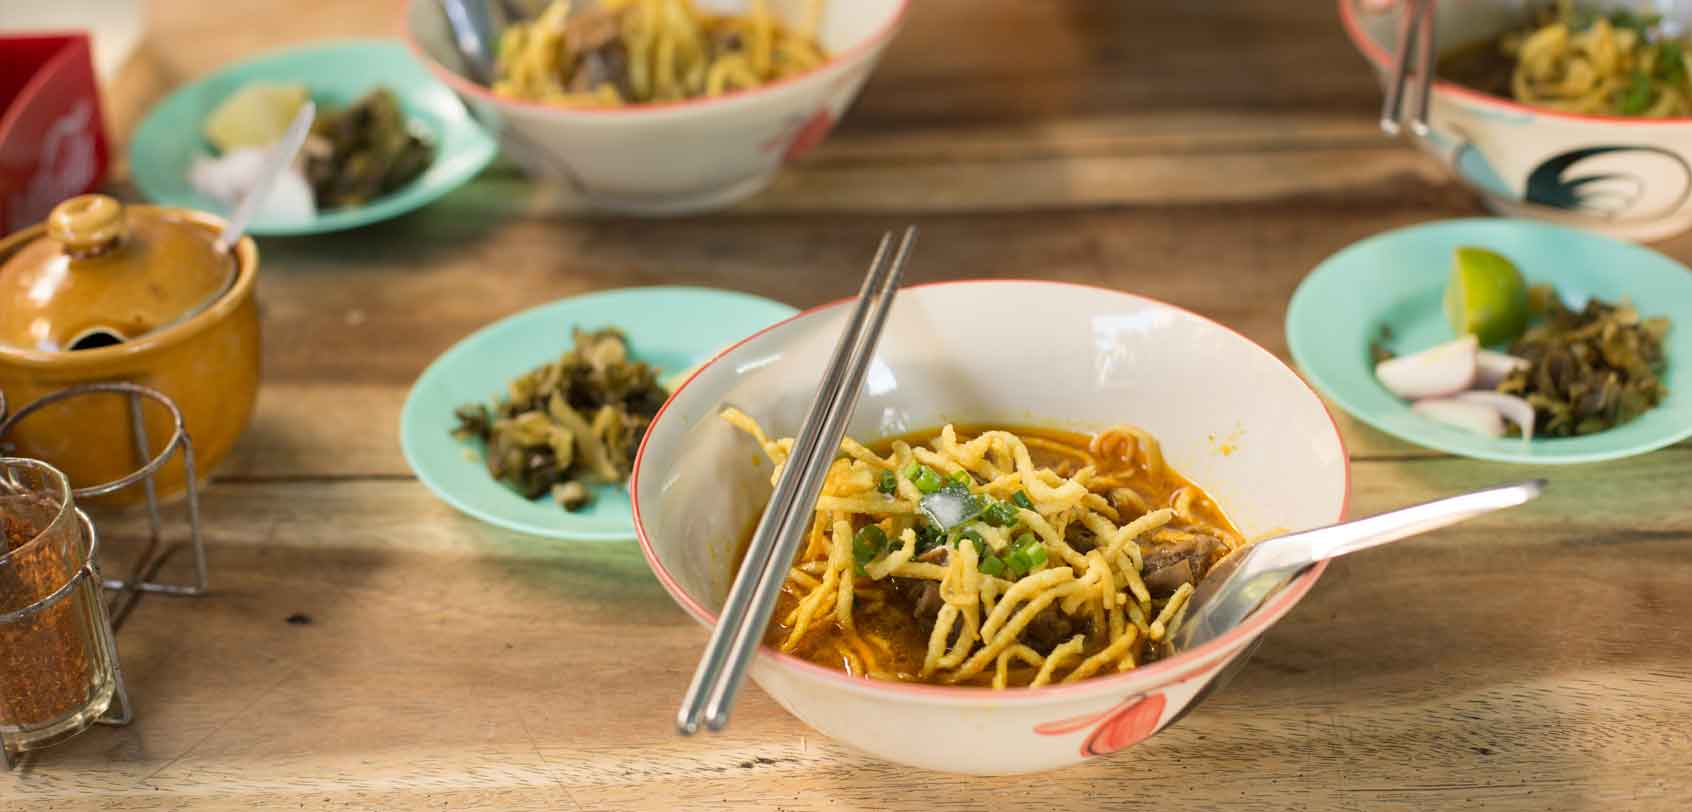 清迈街边小吃:您必须尝试的10个菜肴